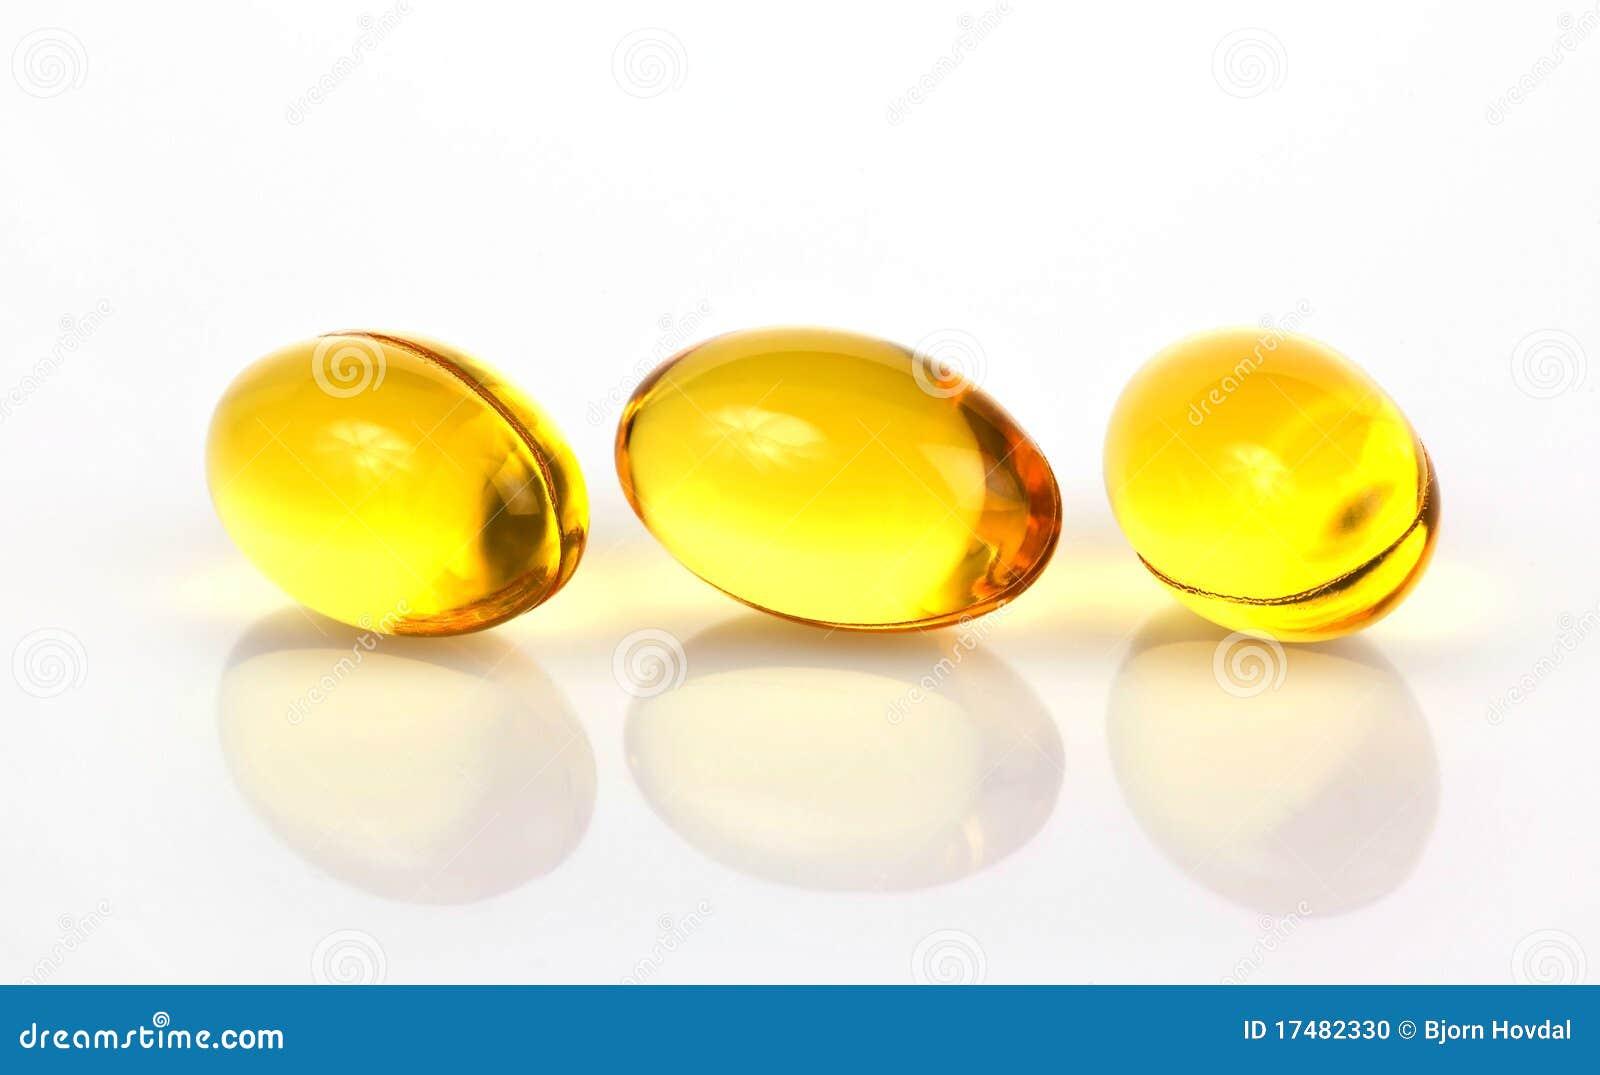 Omega 3 Supplements Dosage